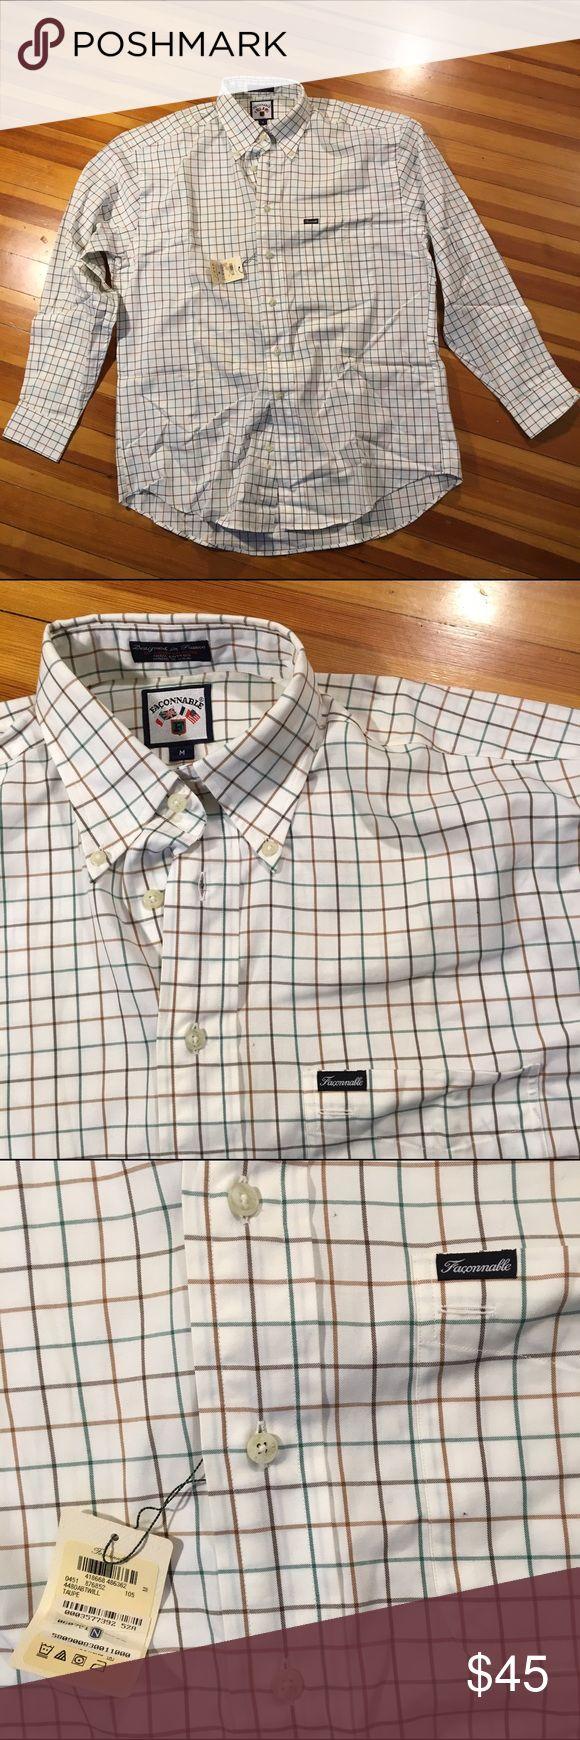 NWT Faconnable Button-Down Shirt This Medium Men's Faconnable Button-Down Shirt is NWT. Faconnable Shirts Dress Shirts